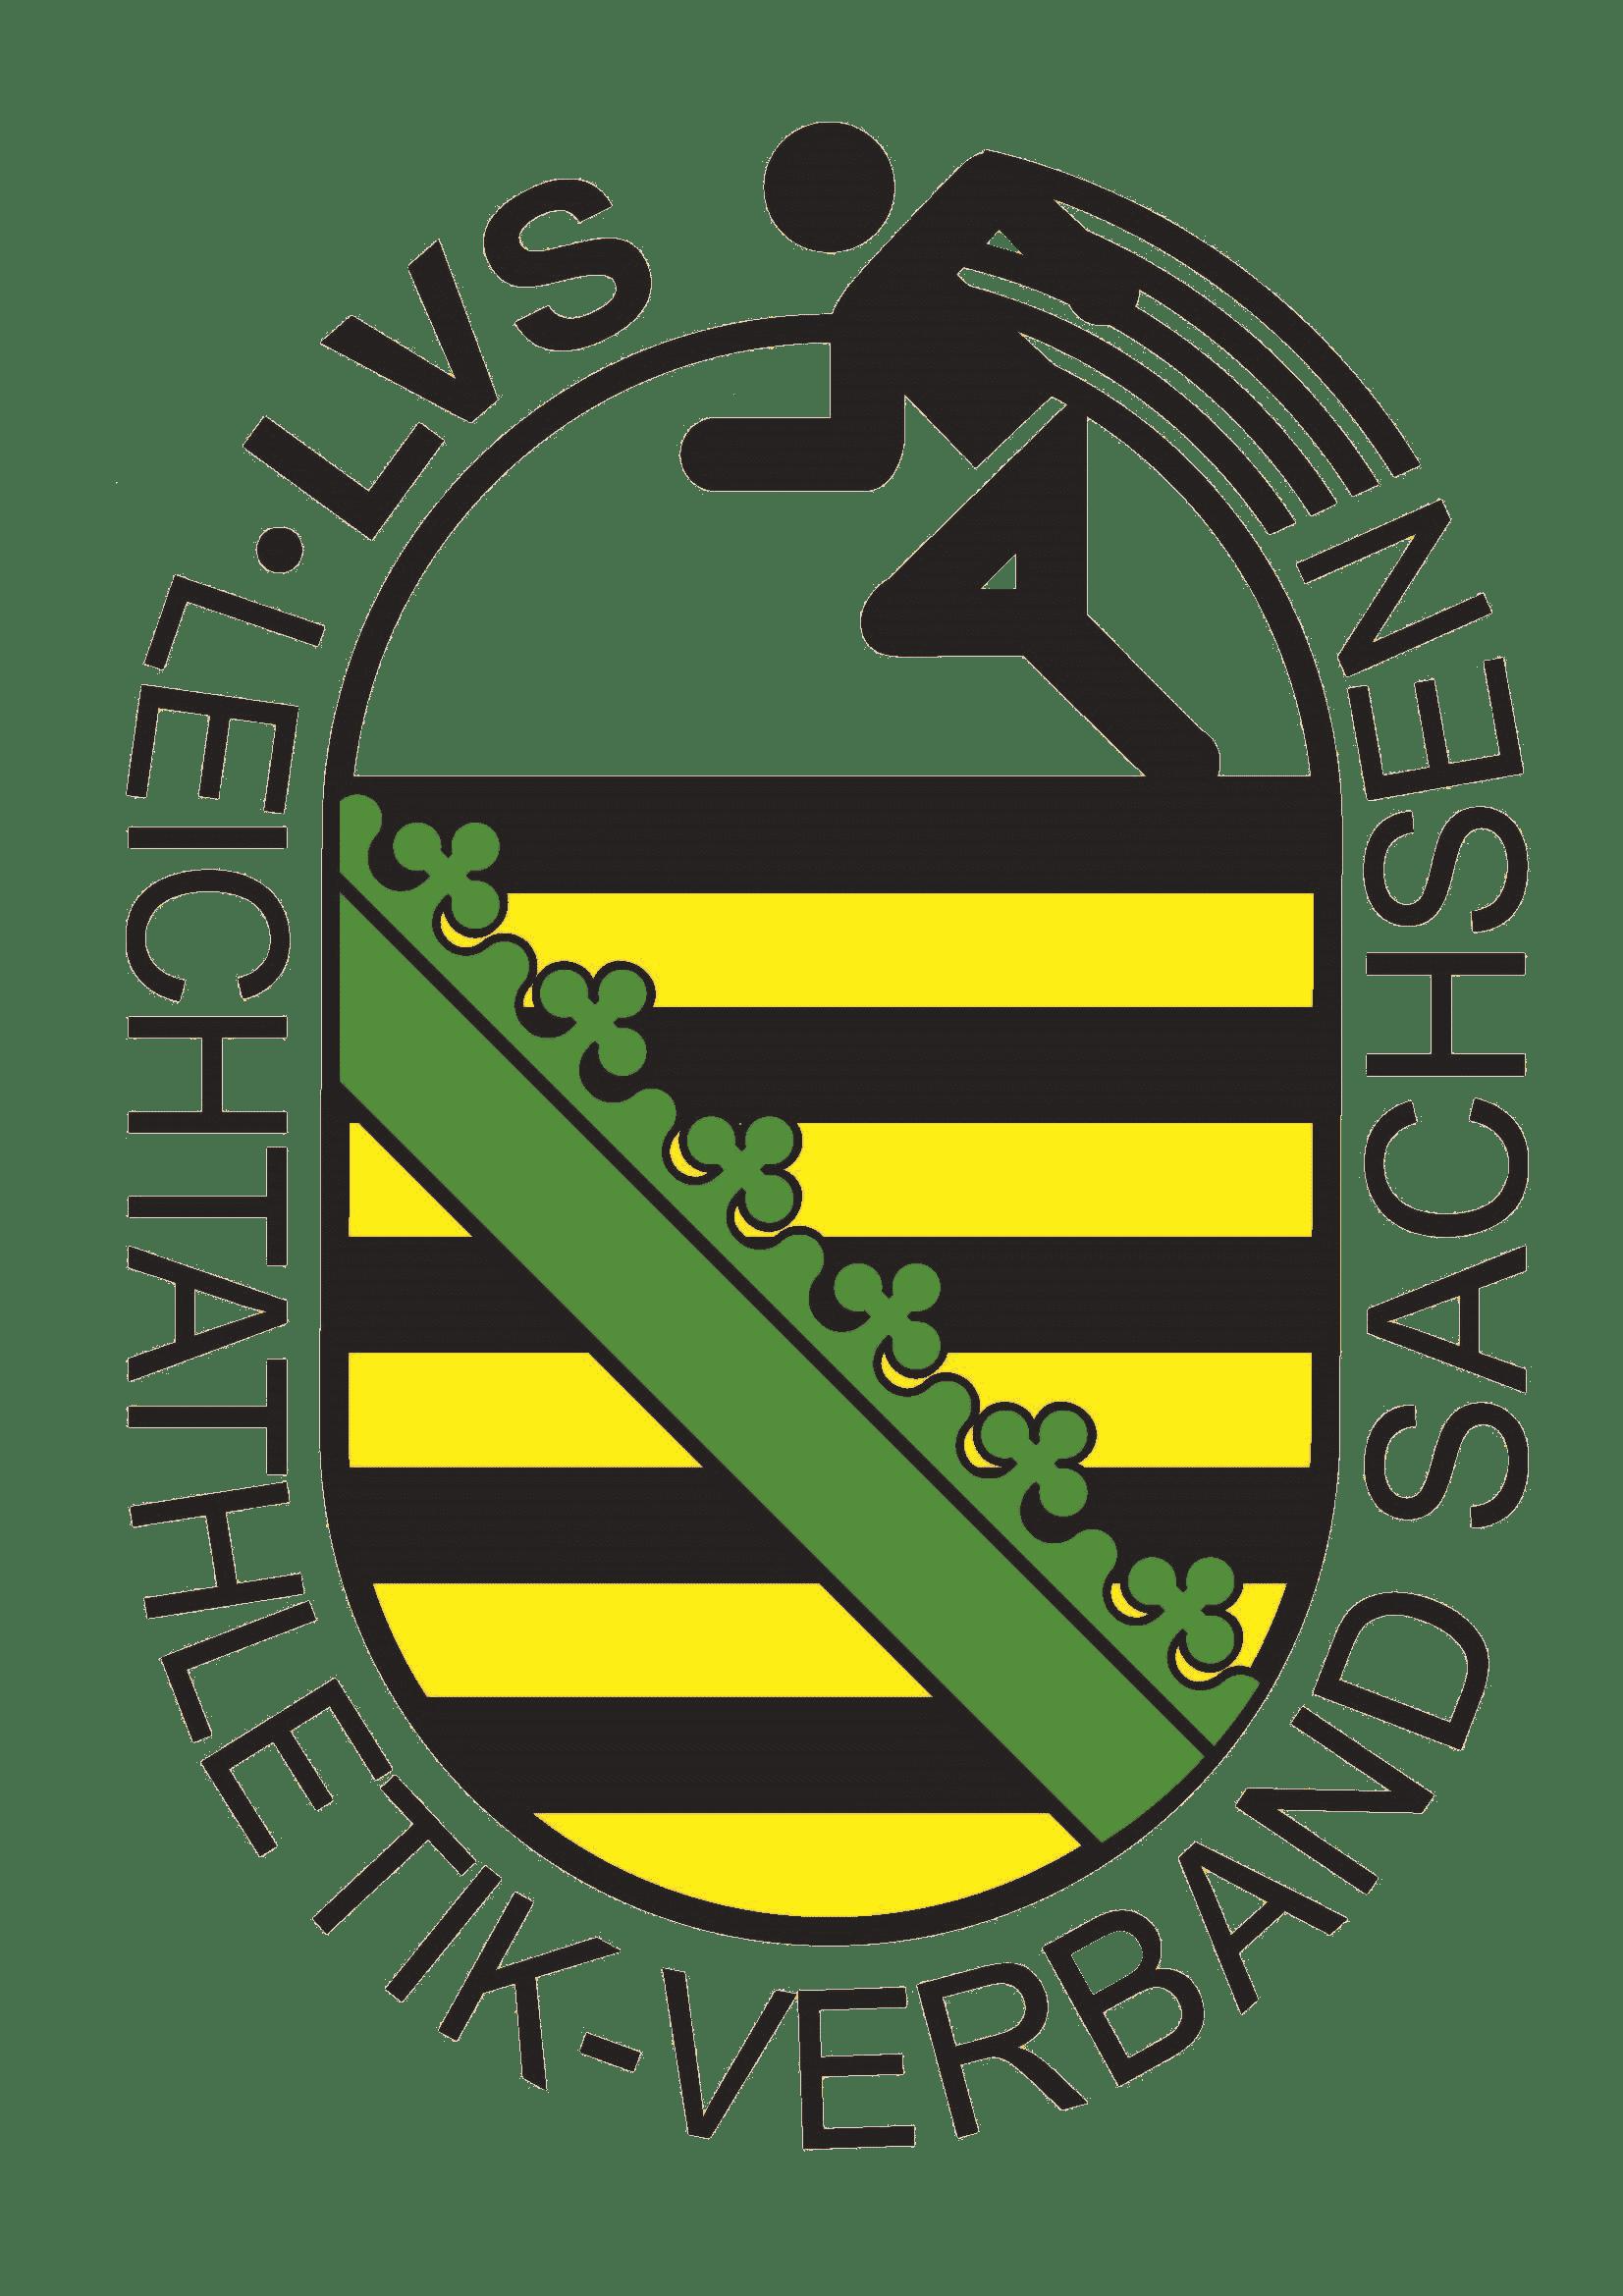 Leichtathletik-Verband Sachsen